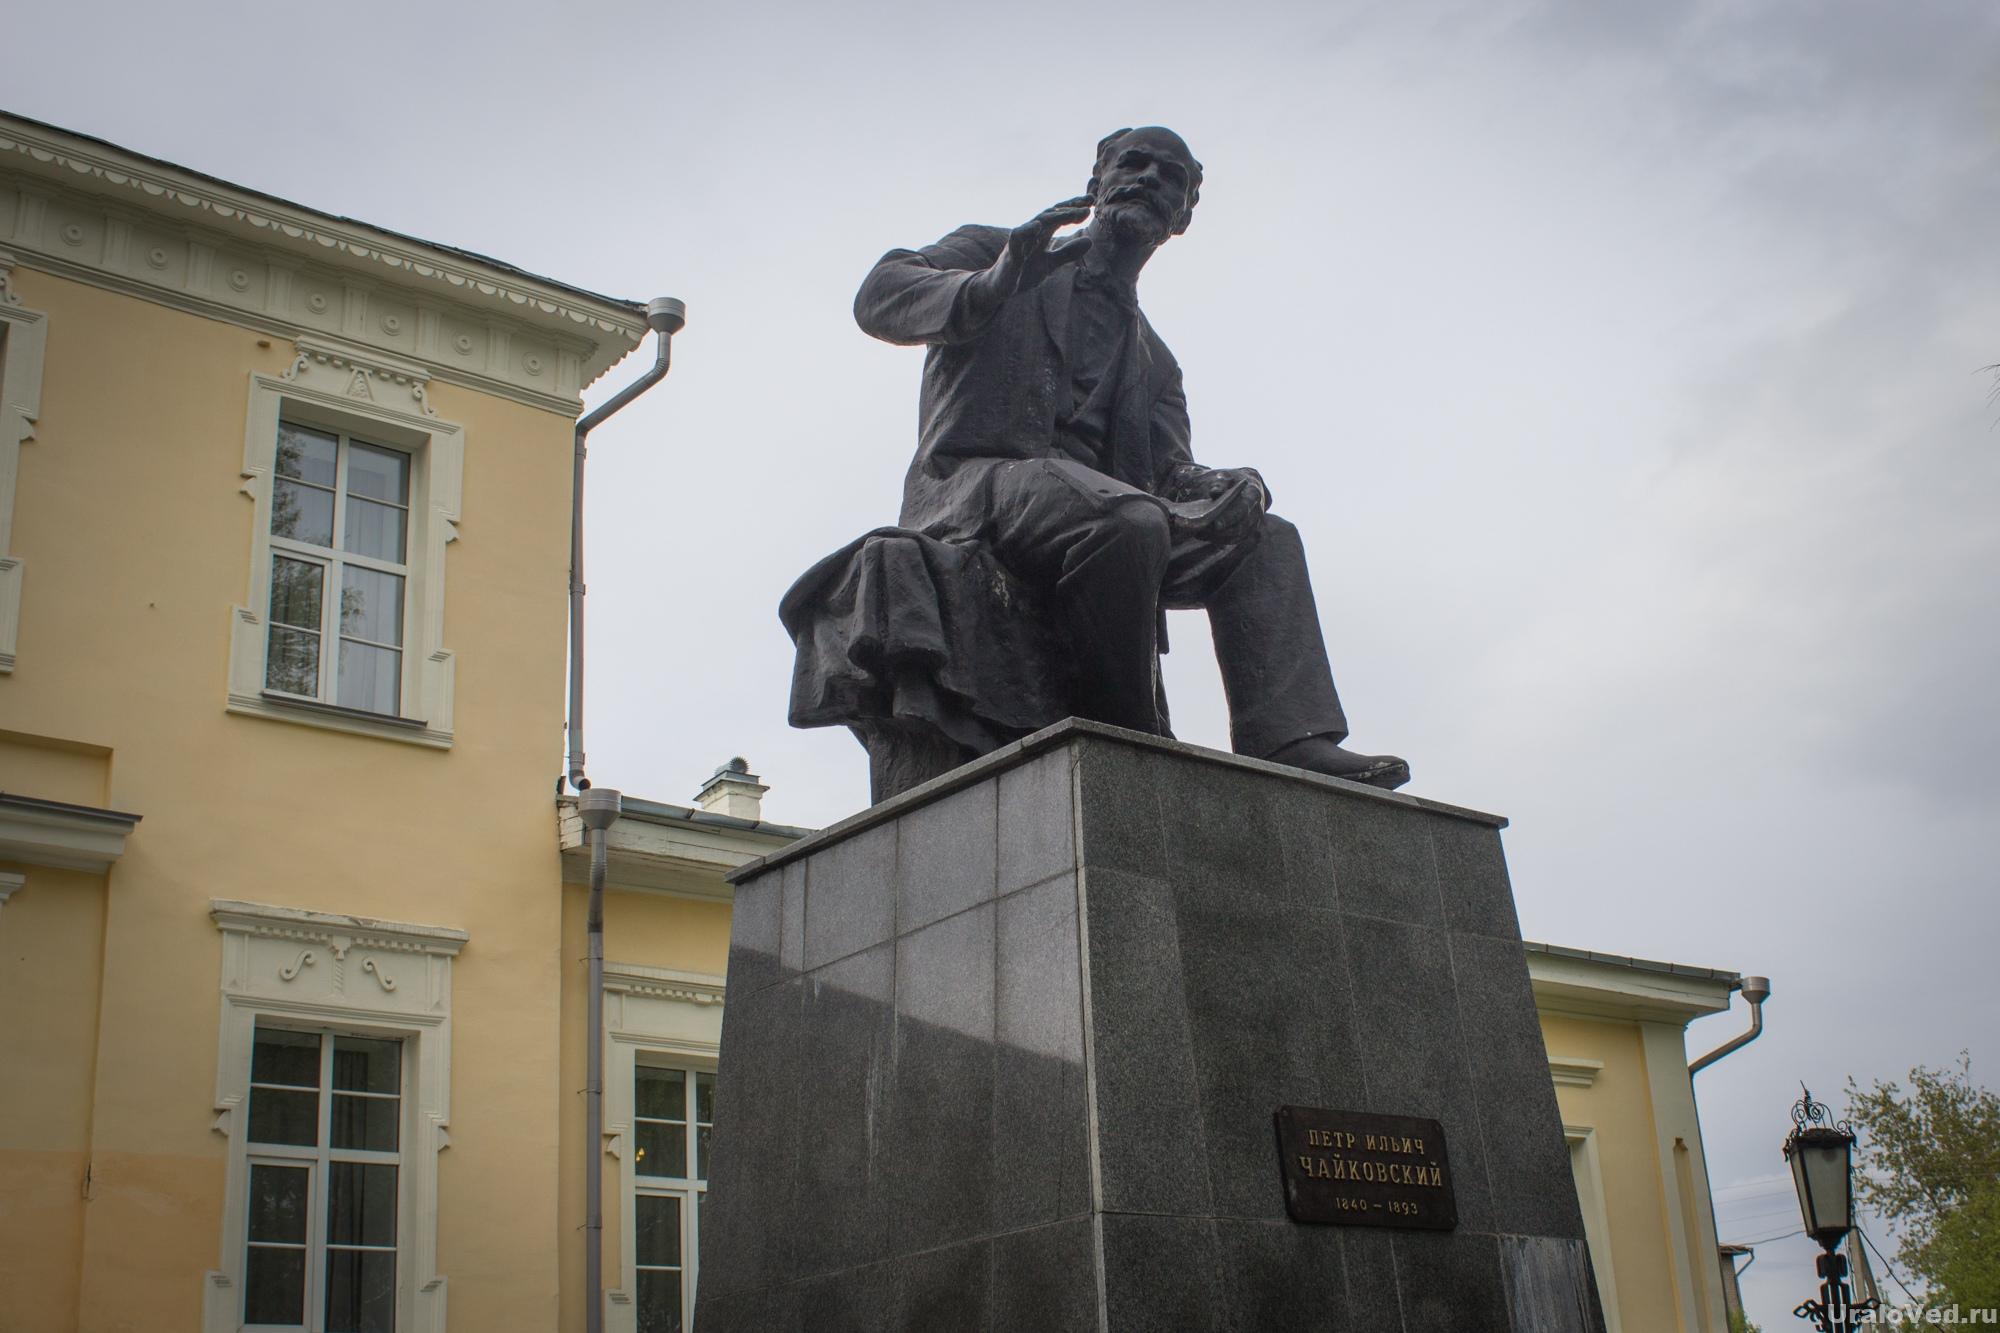 Памятник Чайковскому в Алапаевске